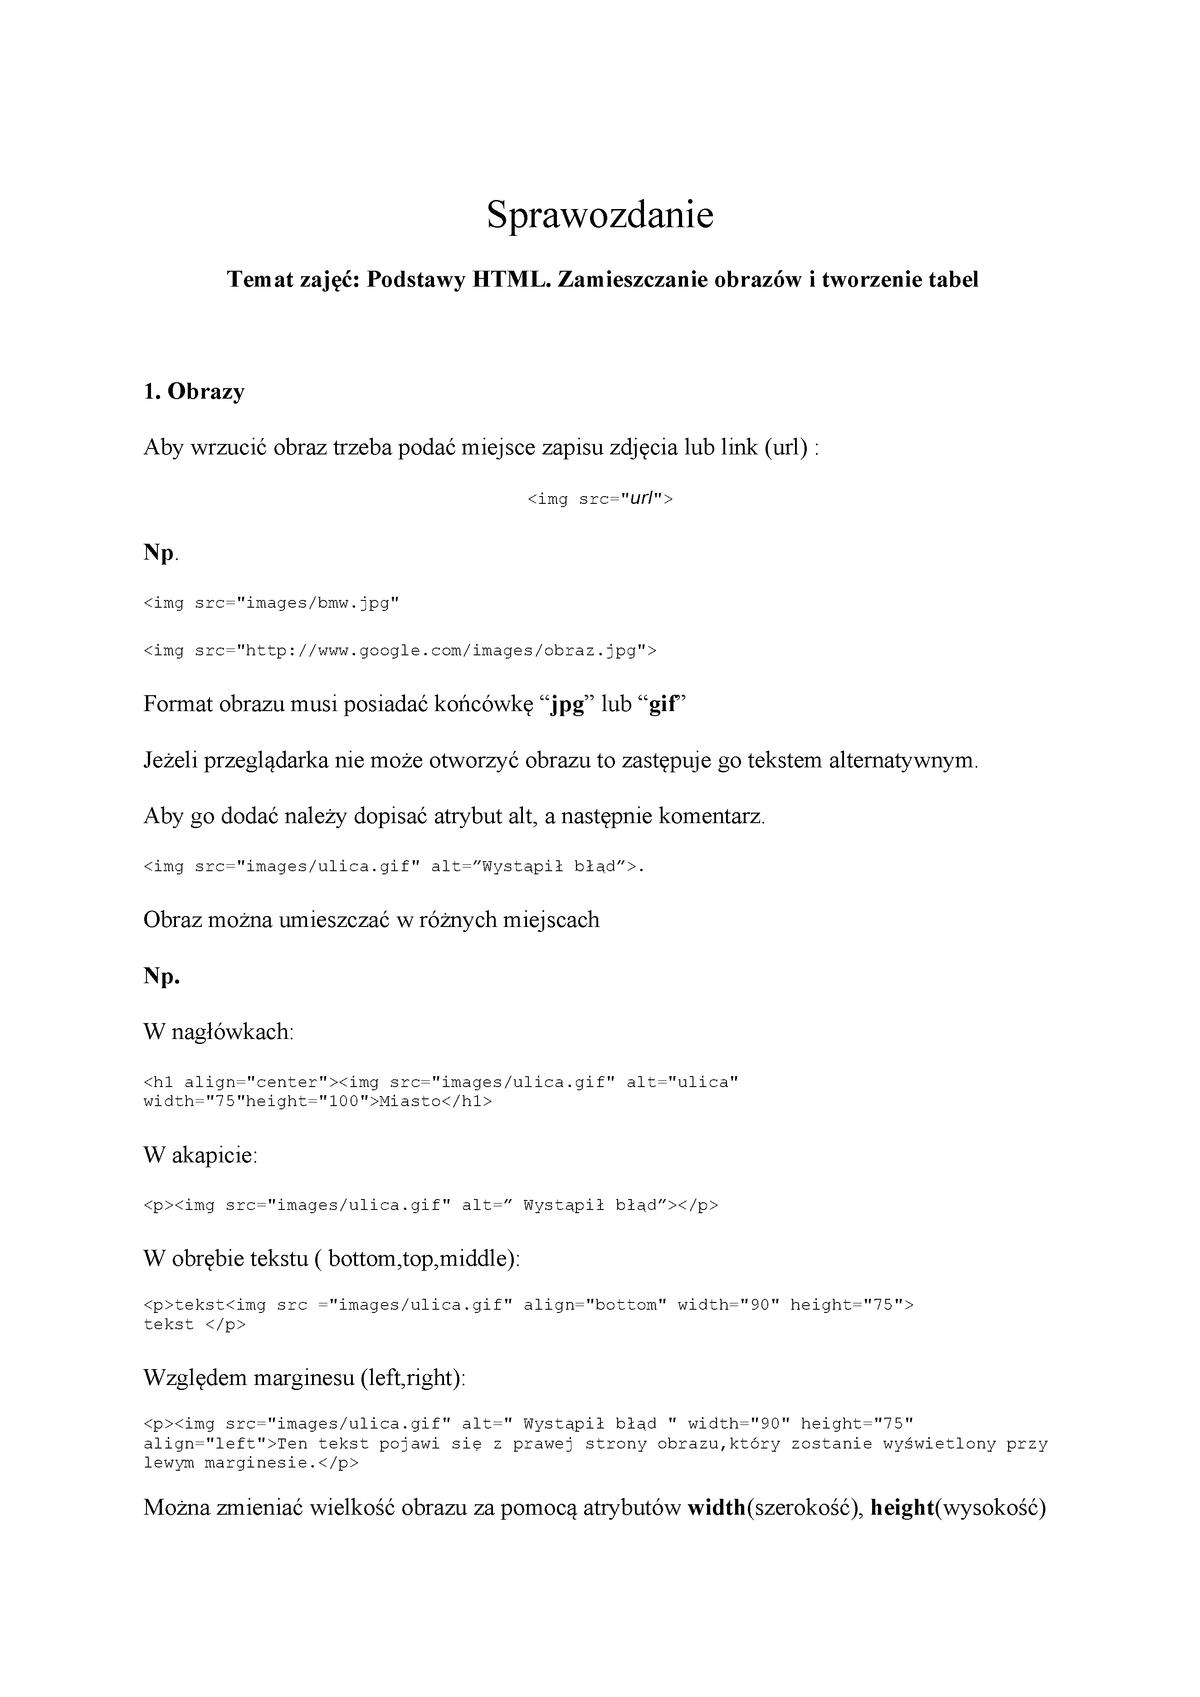 Sprawozdanie Z Podstaw Informatyki 02 01 2018 Pw Studocu